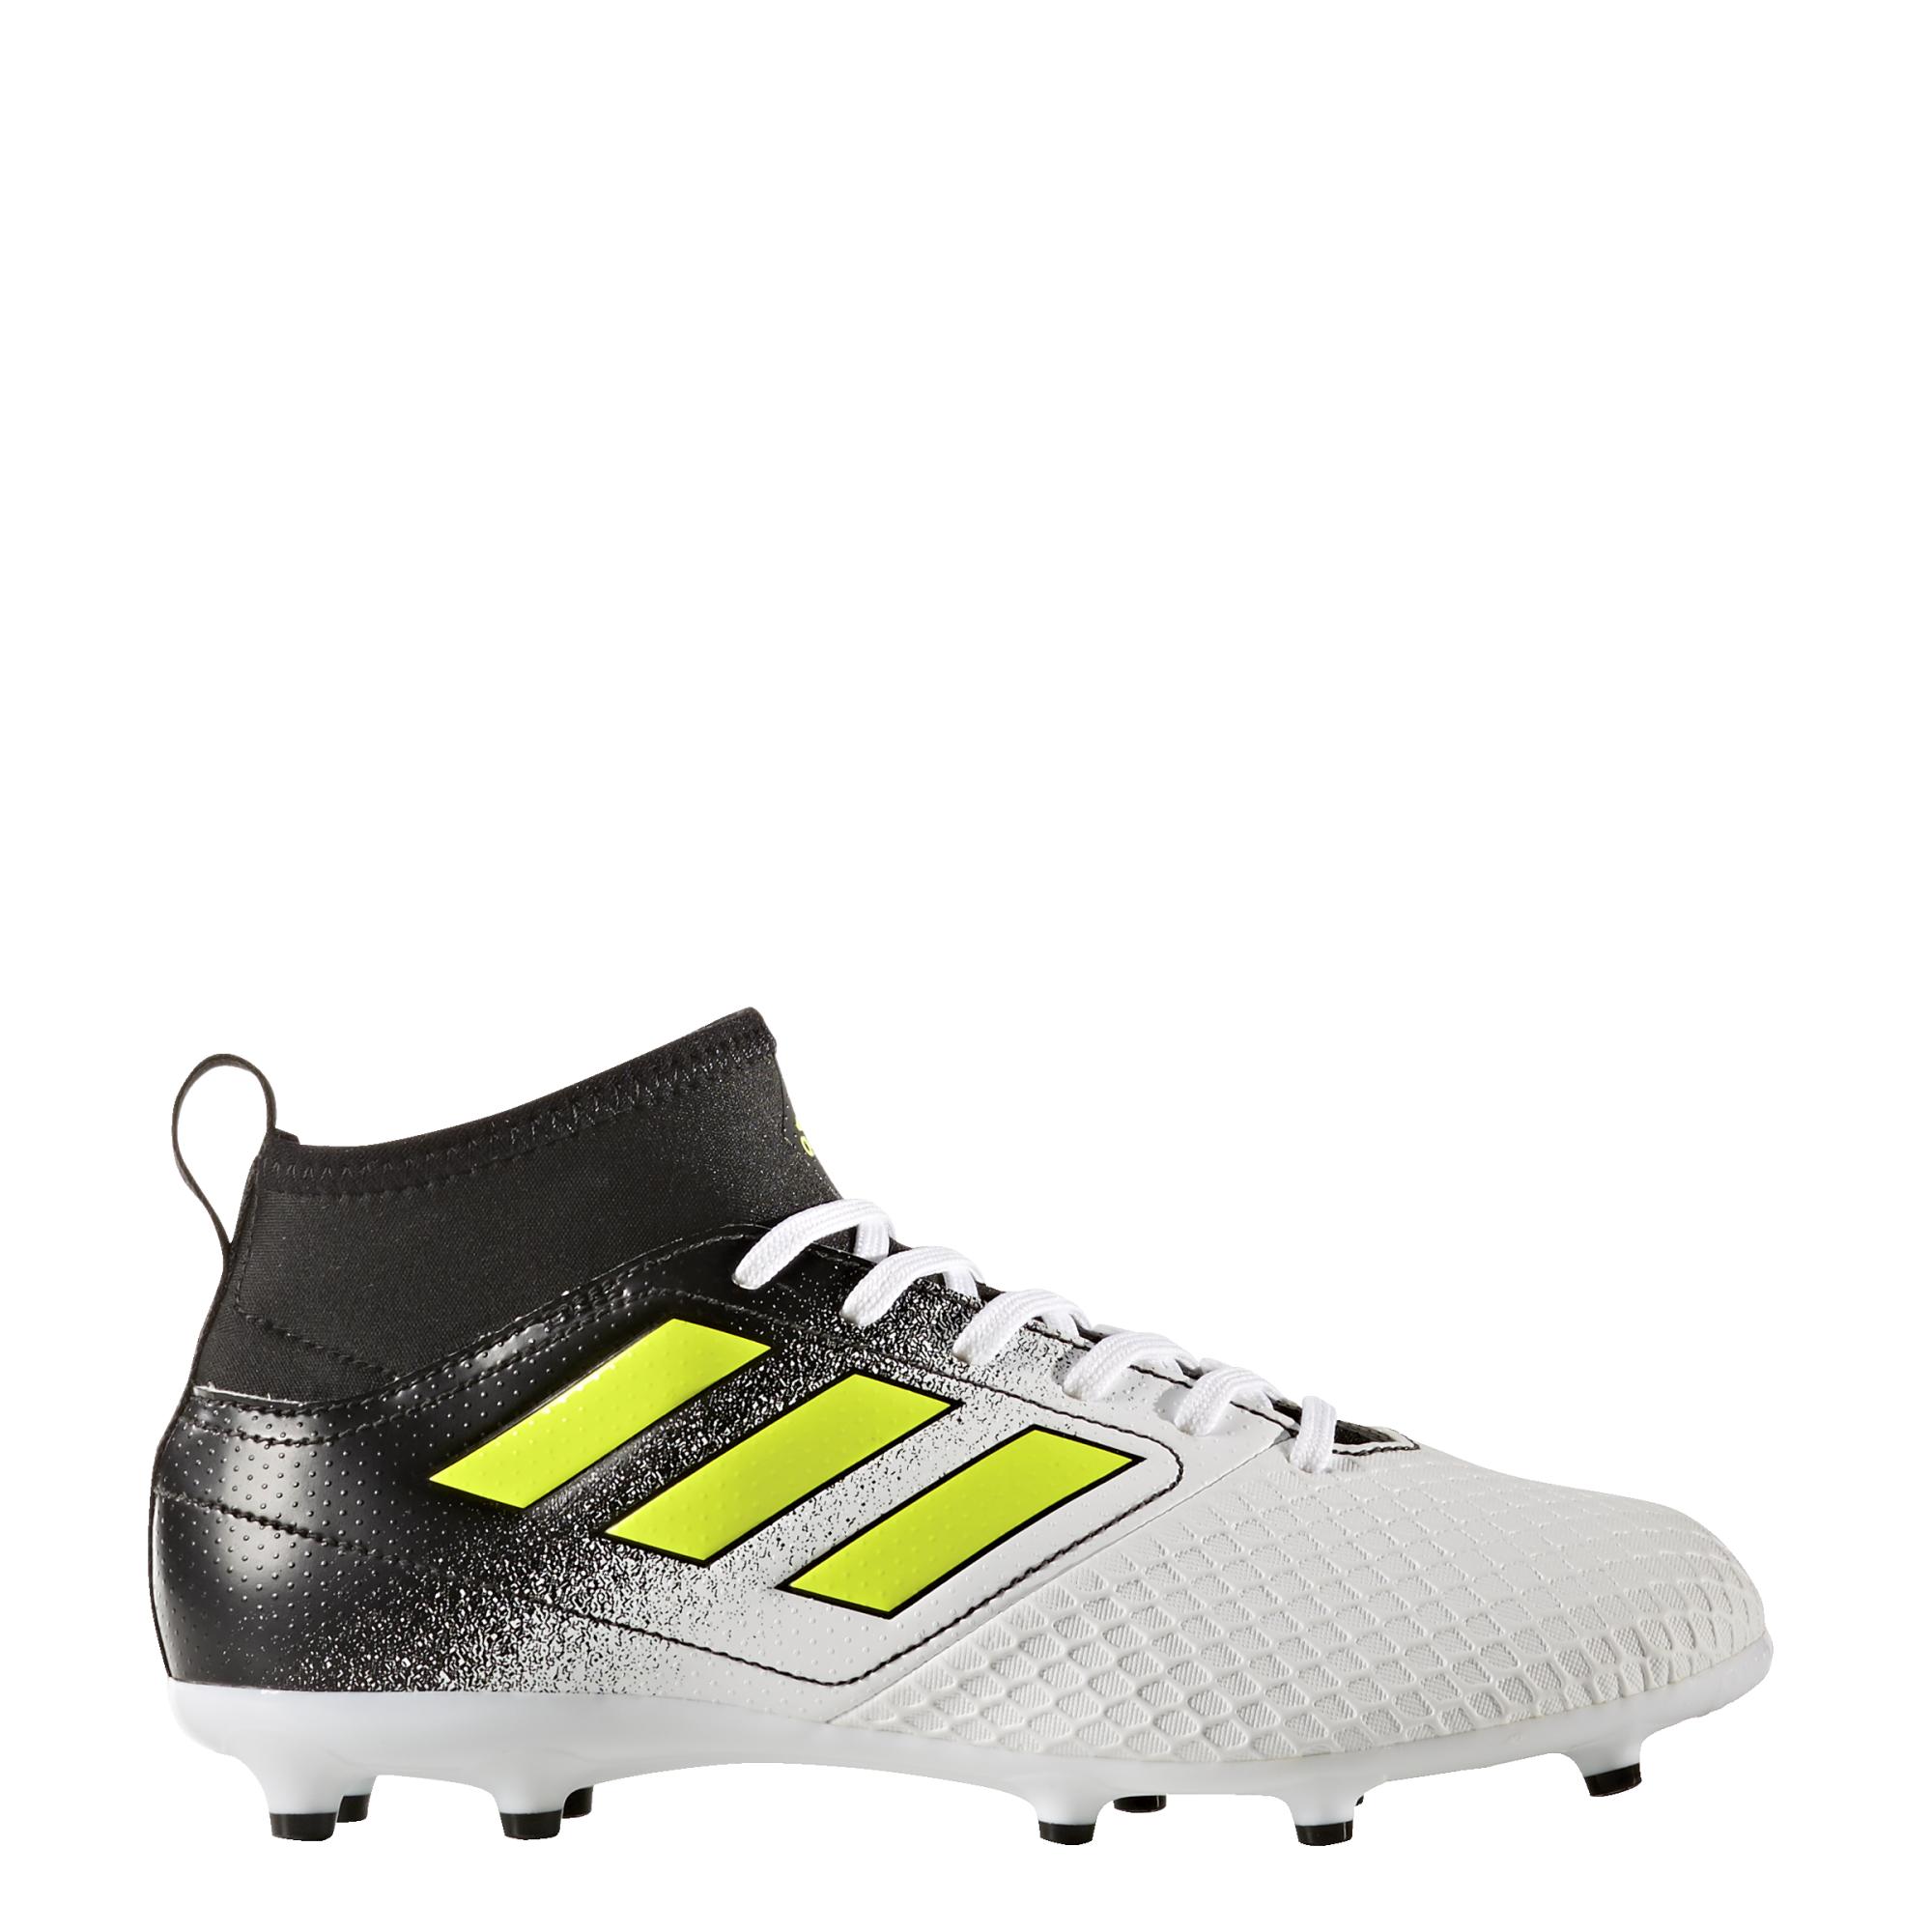 Adidas Ace 17.3 FG Jr. online voetbalschoenen kopen ... Badmintonschoenen